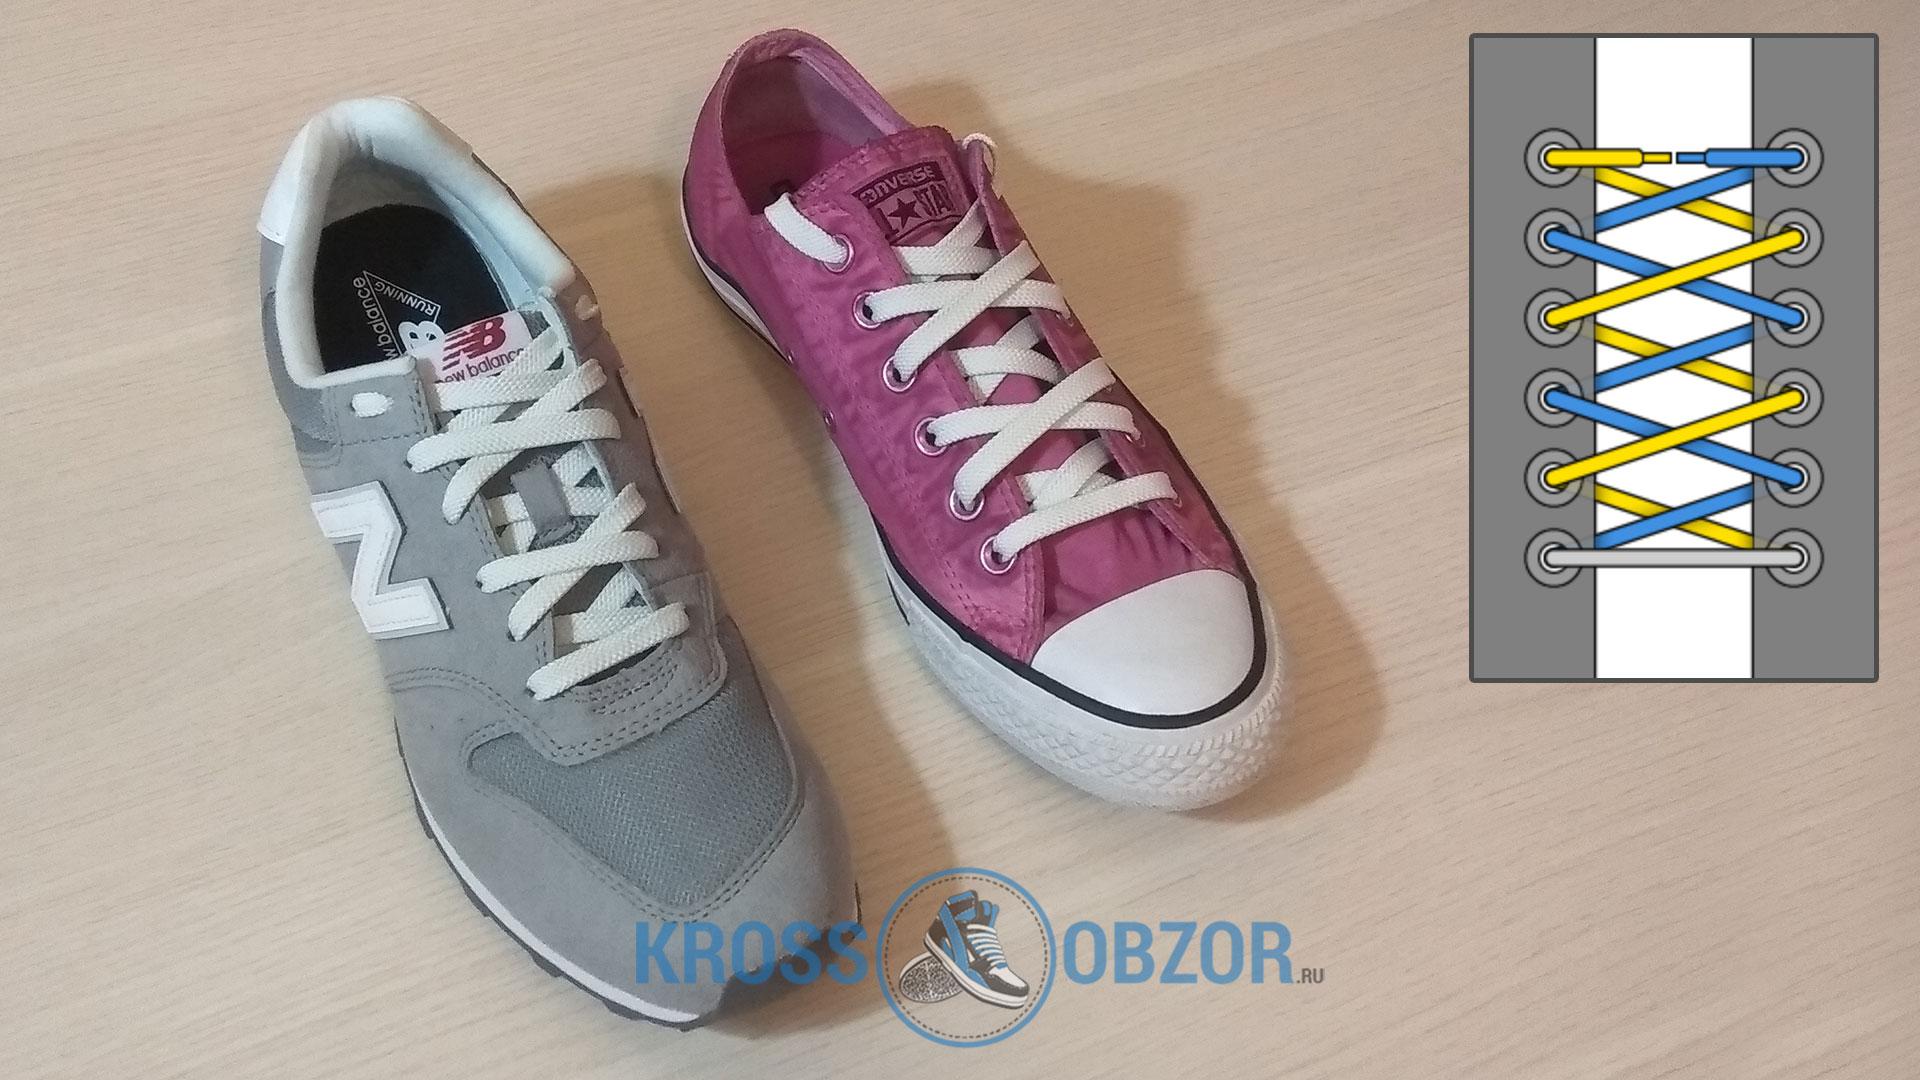 Шнуровка зеркальный зигзаг для кроссовок и кед